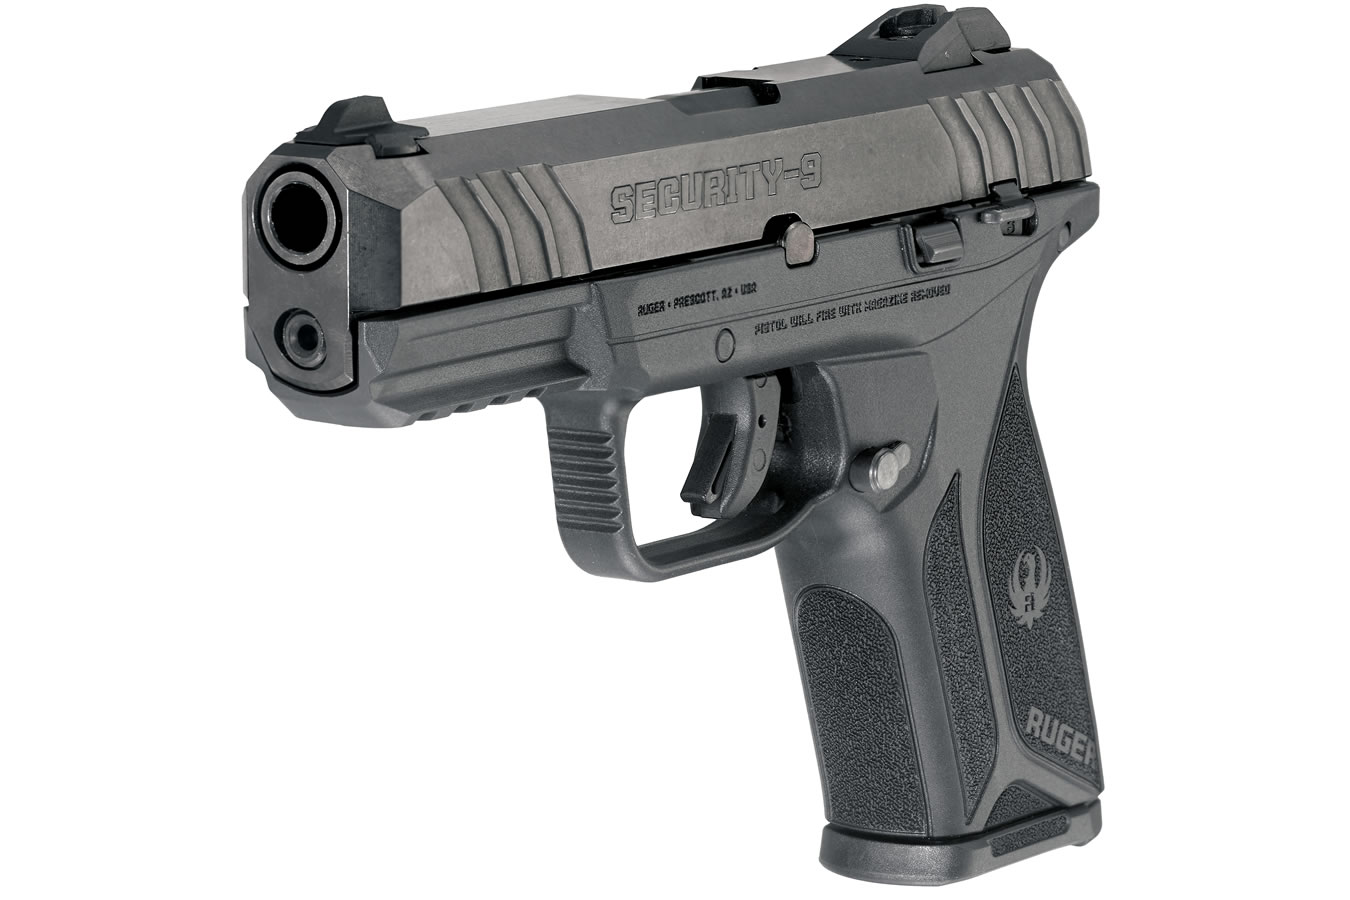 Security-9 9mm Pistol